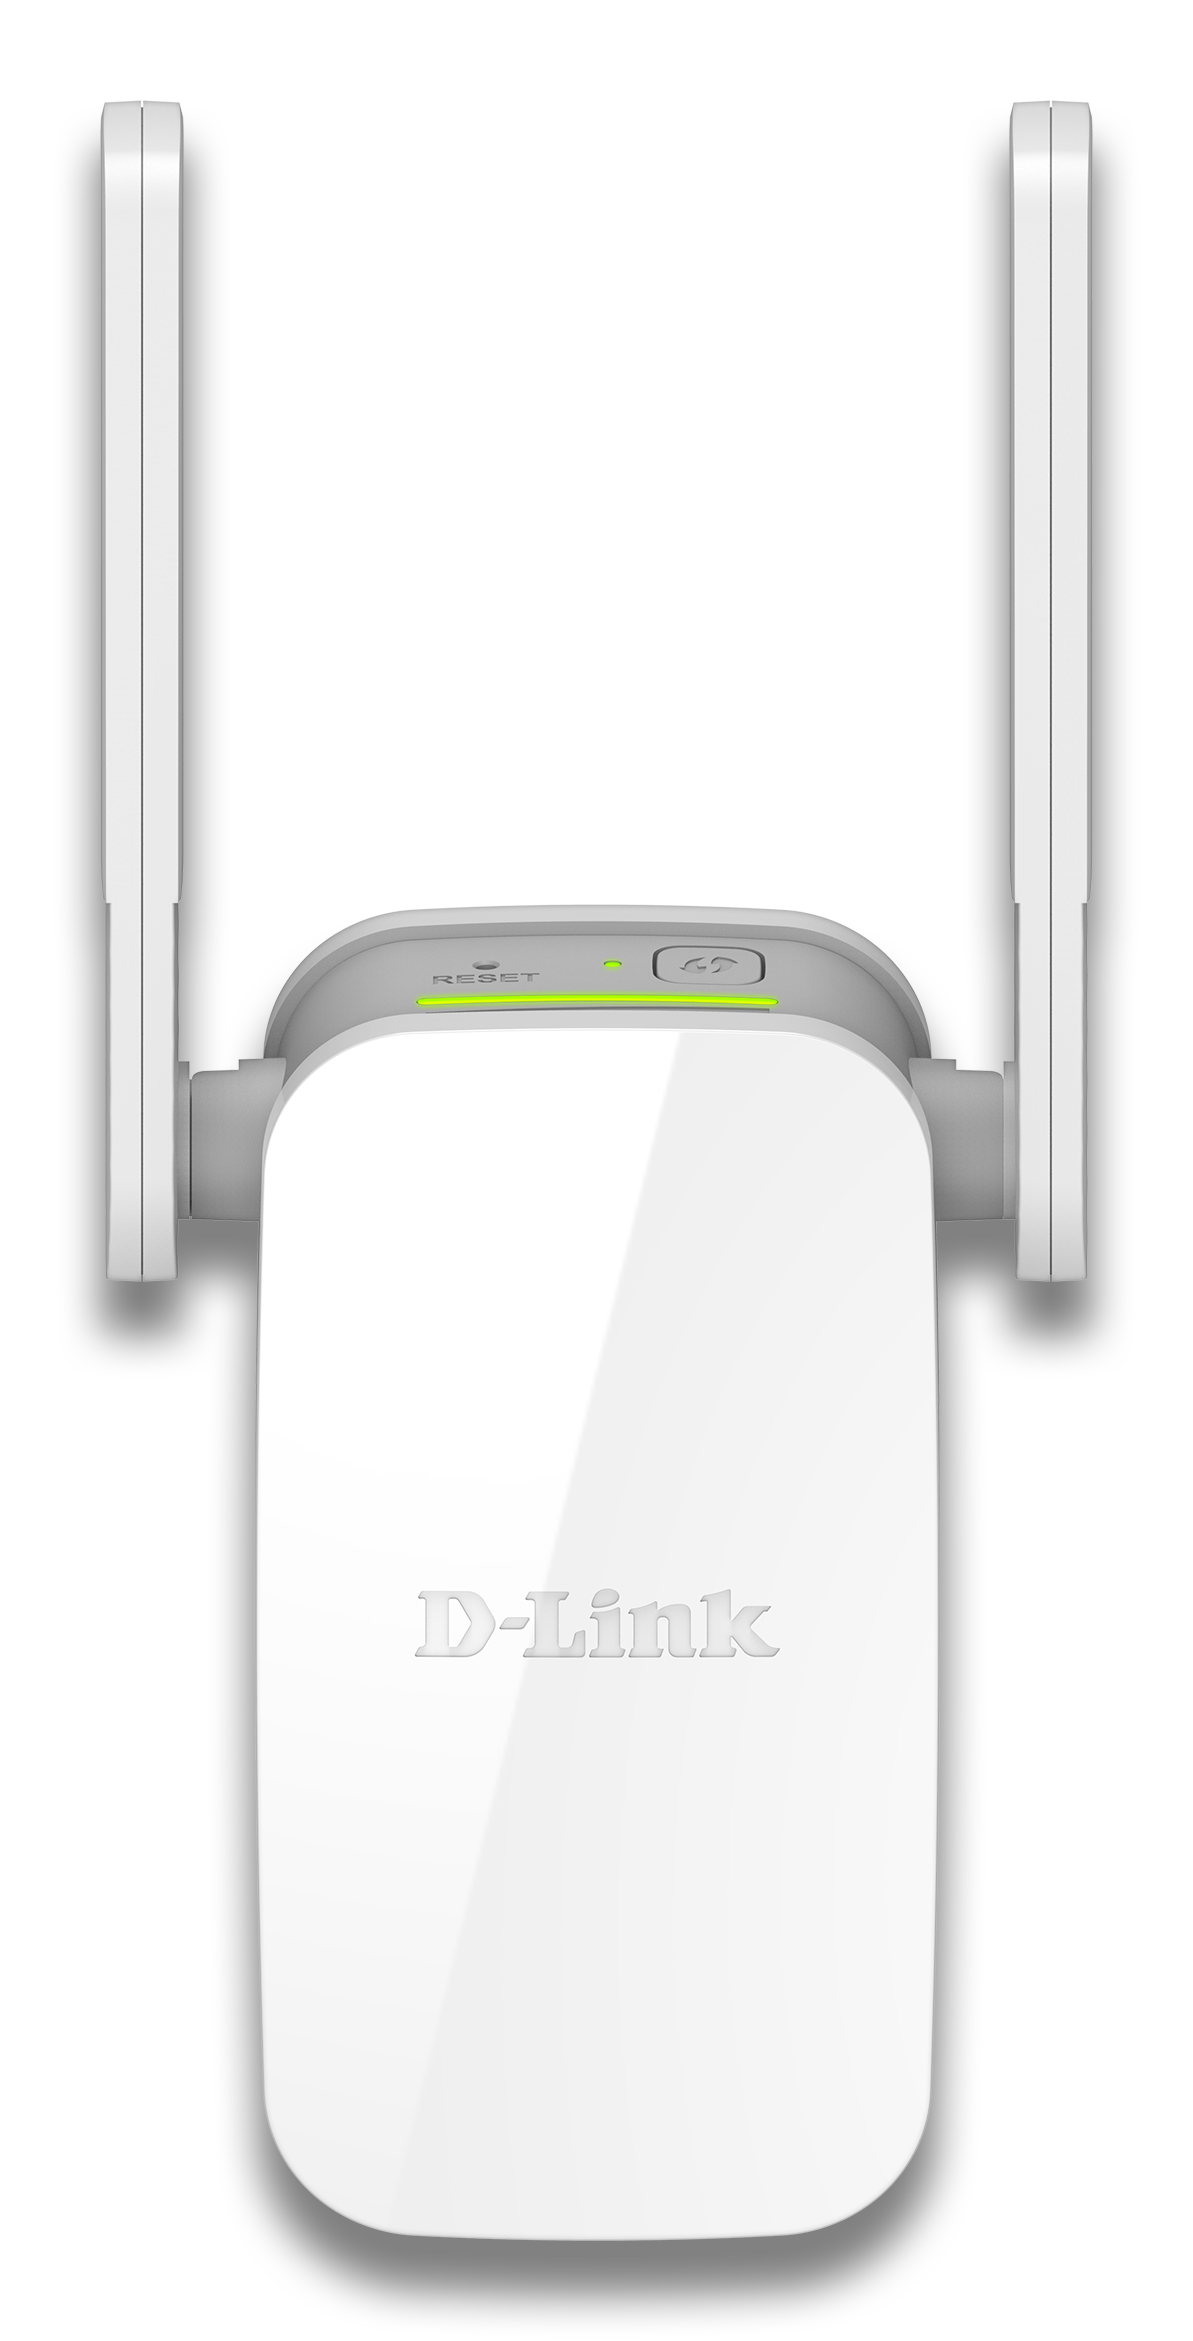 DAP-1610 AC1200 WLAN Range Extender | D-Link Deutschland